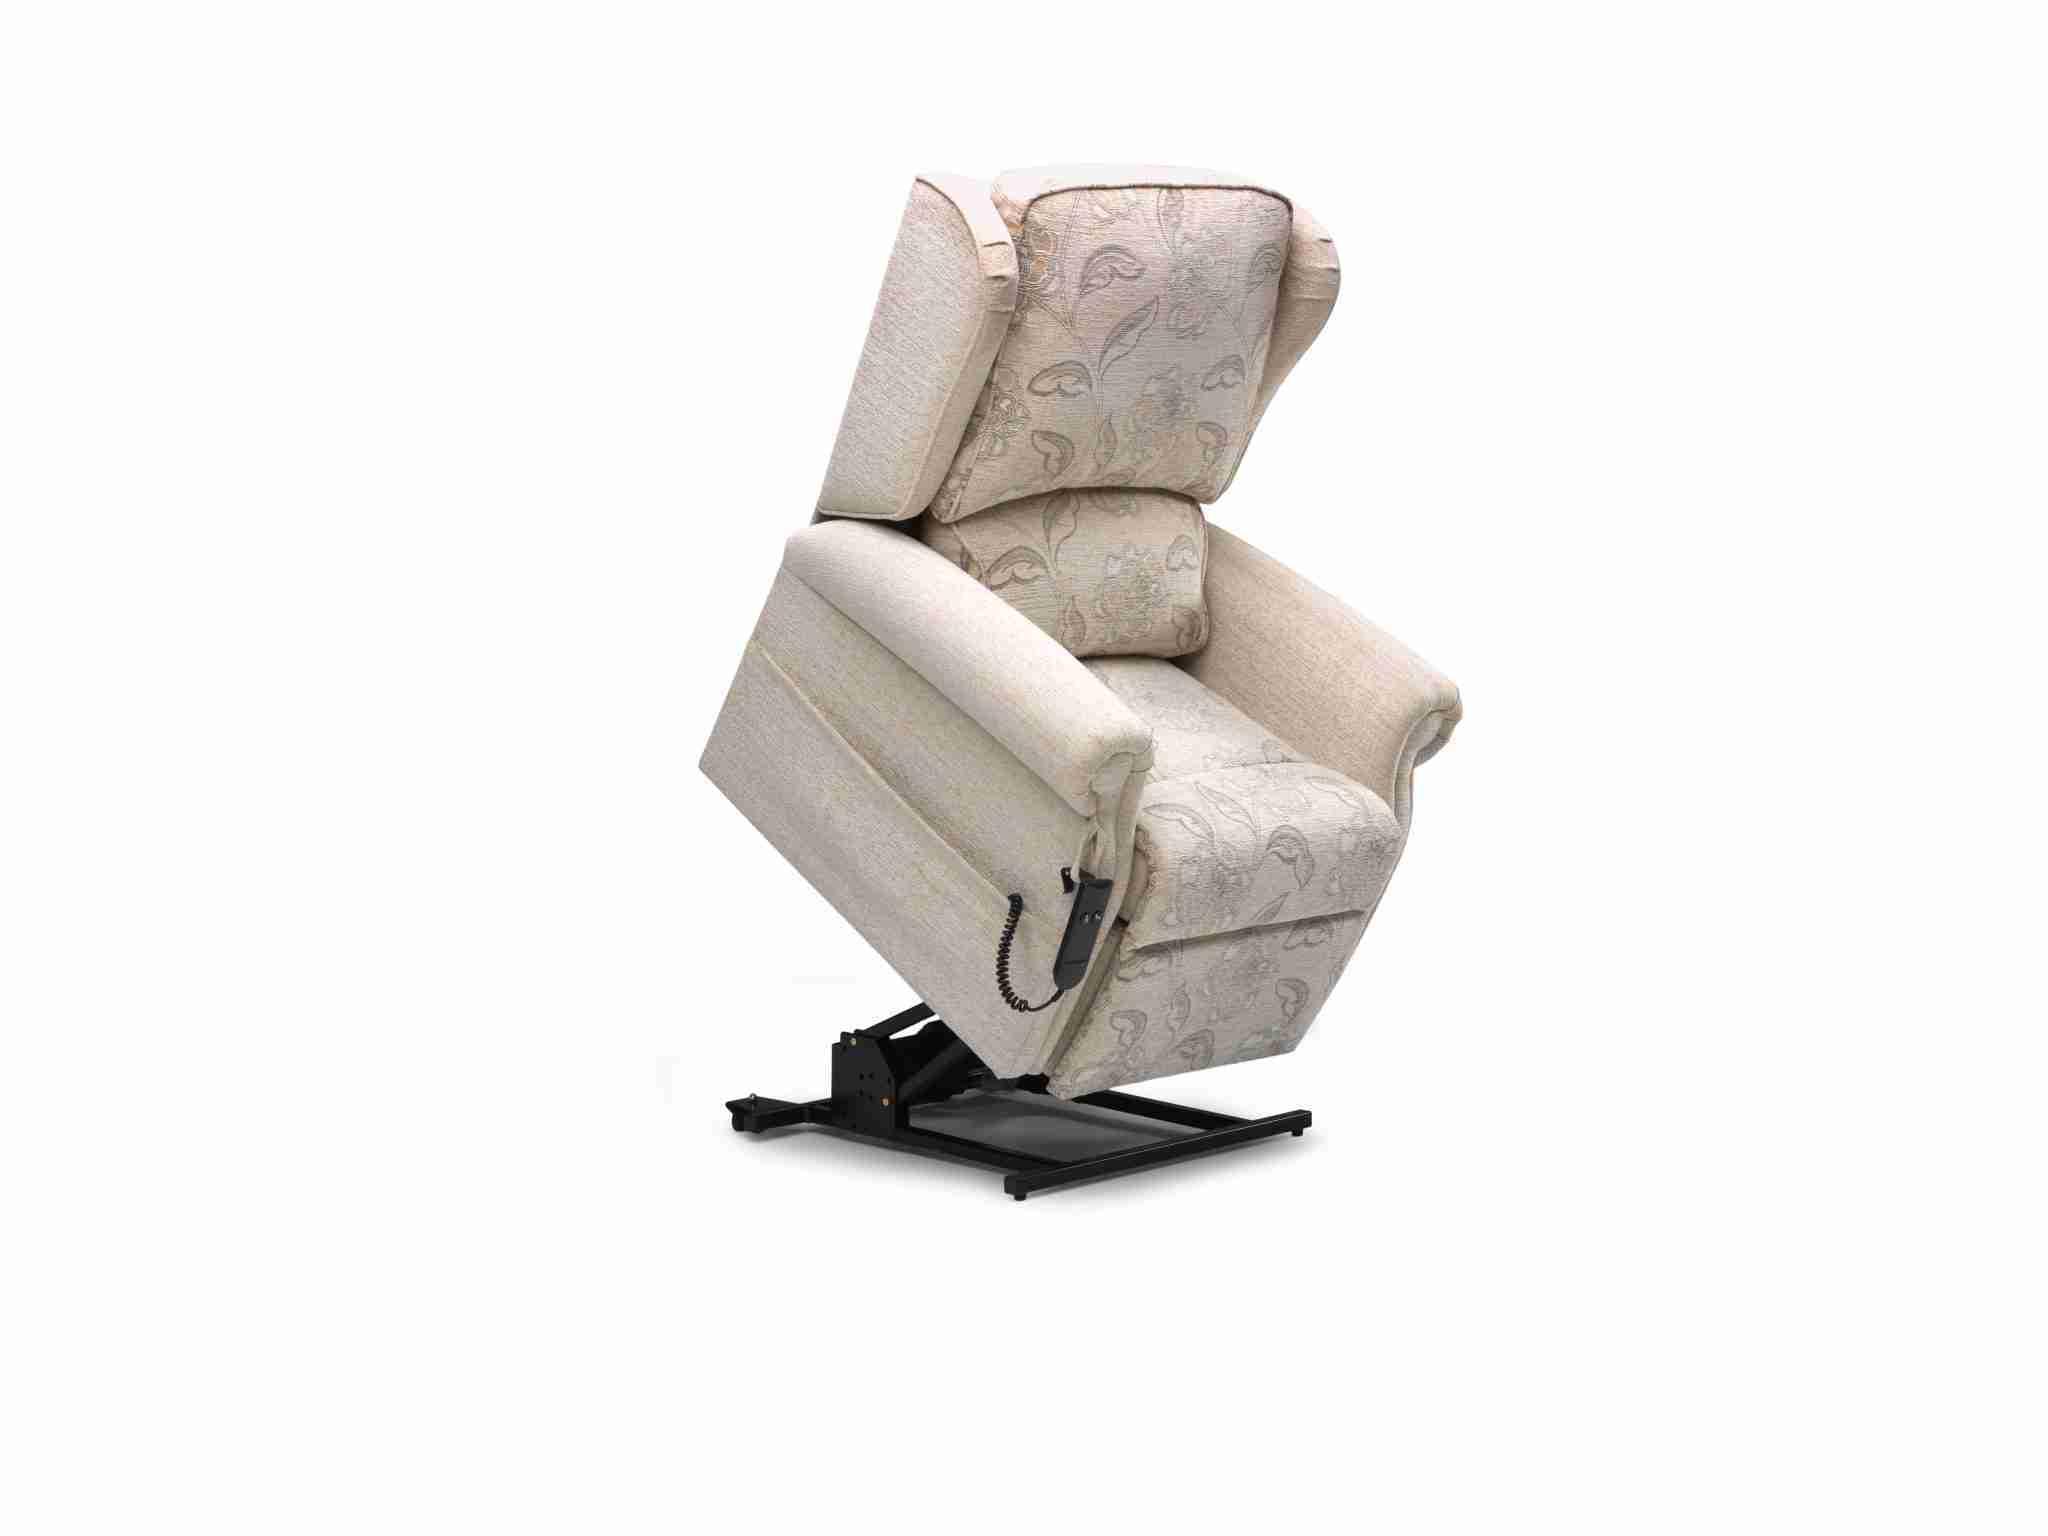 Westbury 2 Chair Repose005